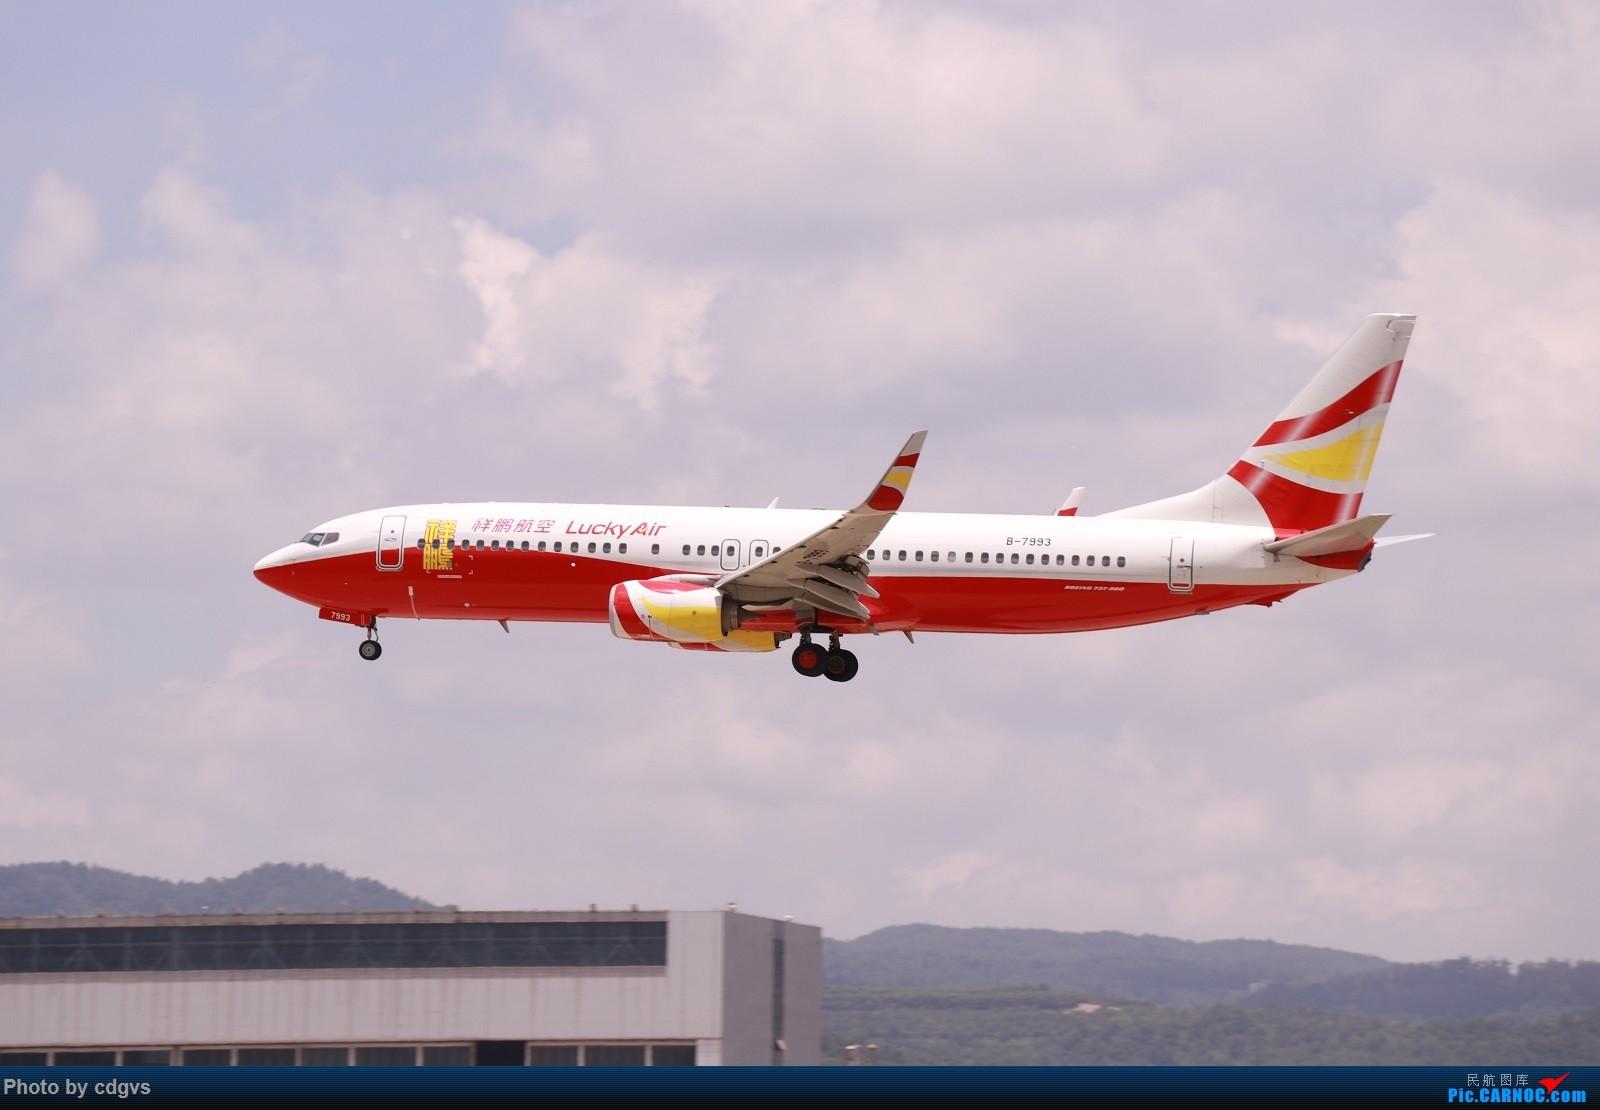 Re:[原创]【KMG】昆明的一天 1600大图 一次看个爽 BOEING 737-800 B-7993 中国昆明长水国际机场